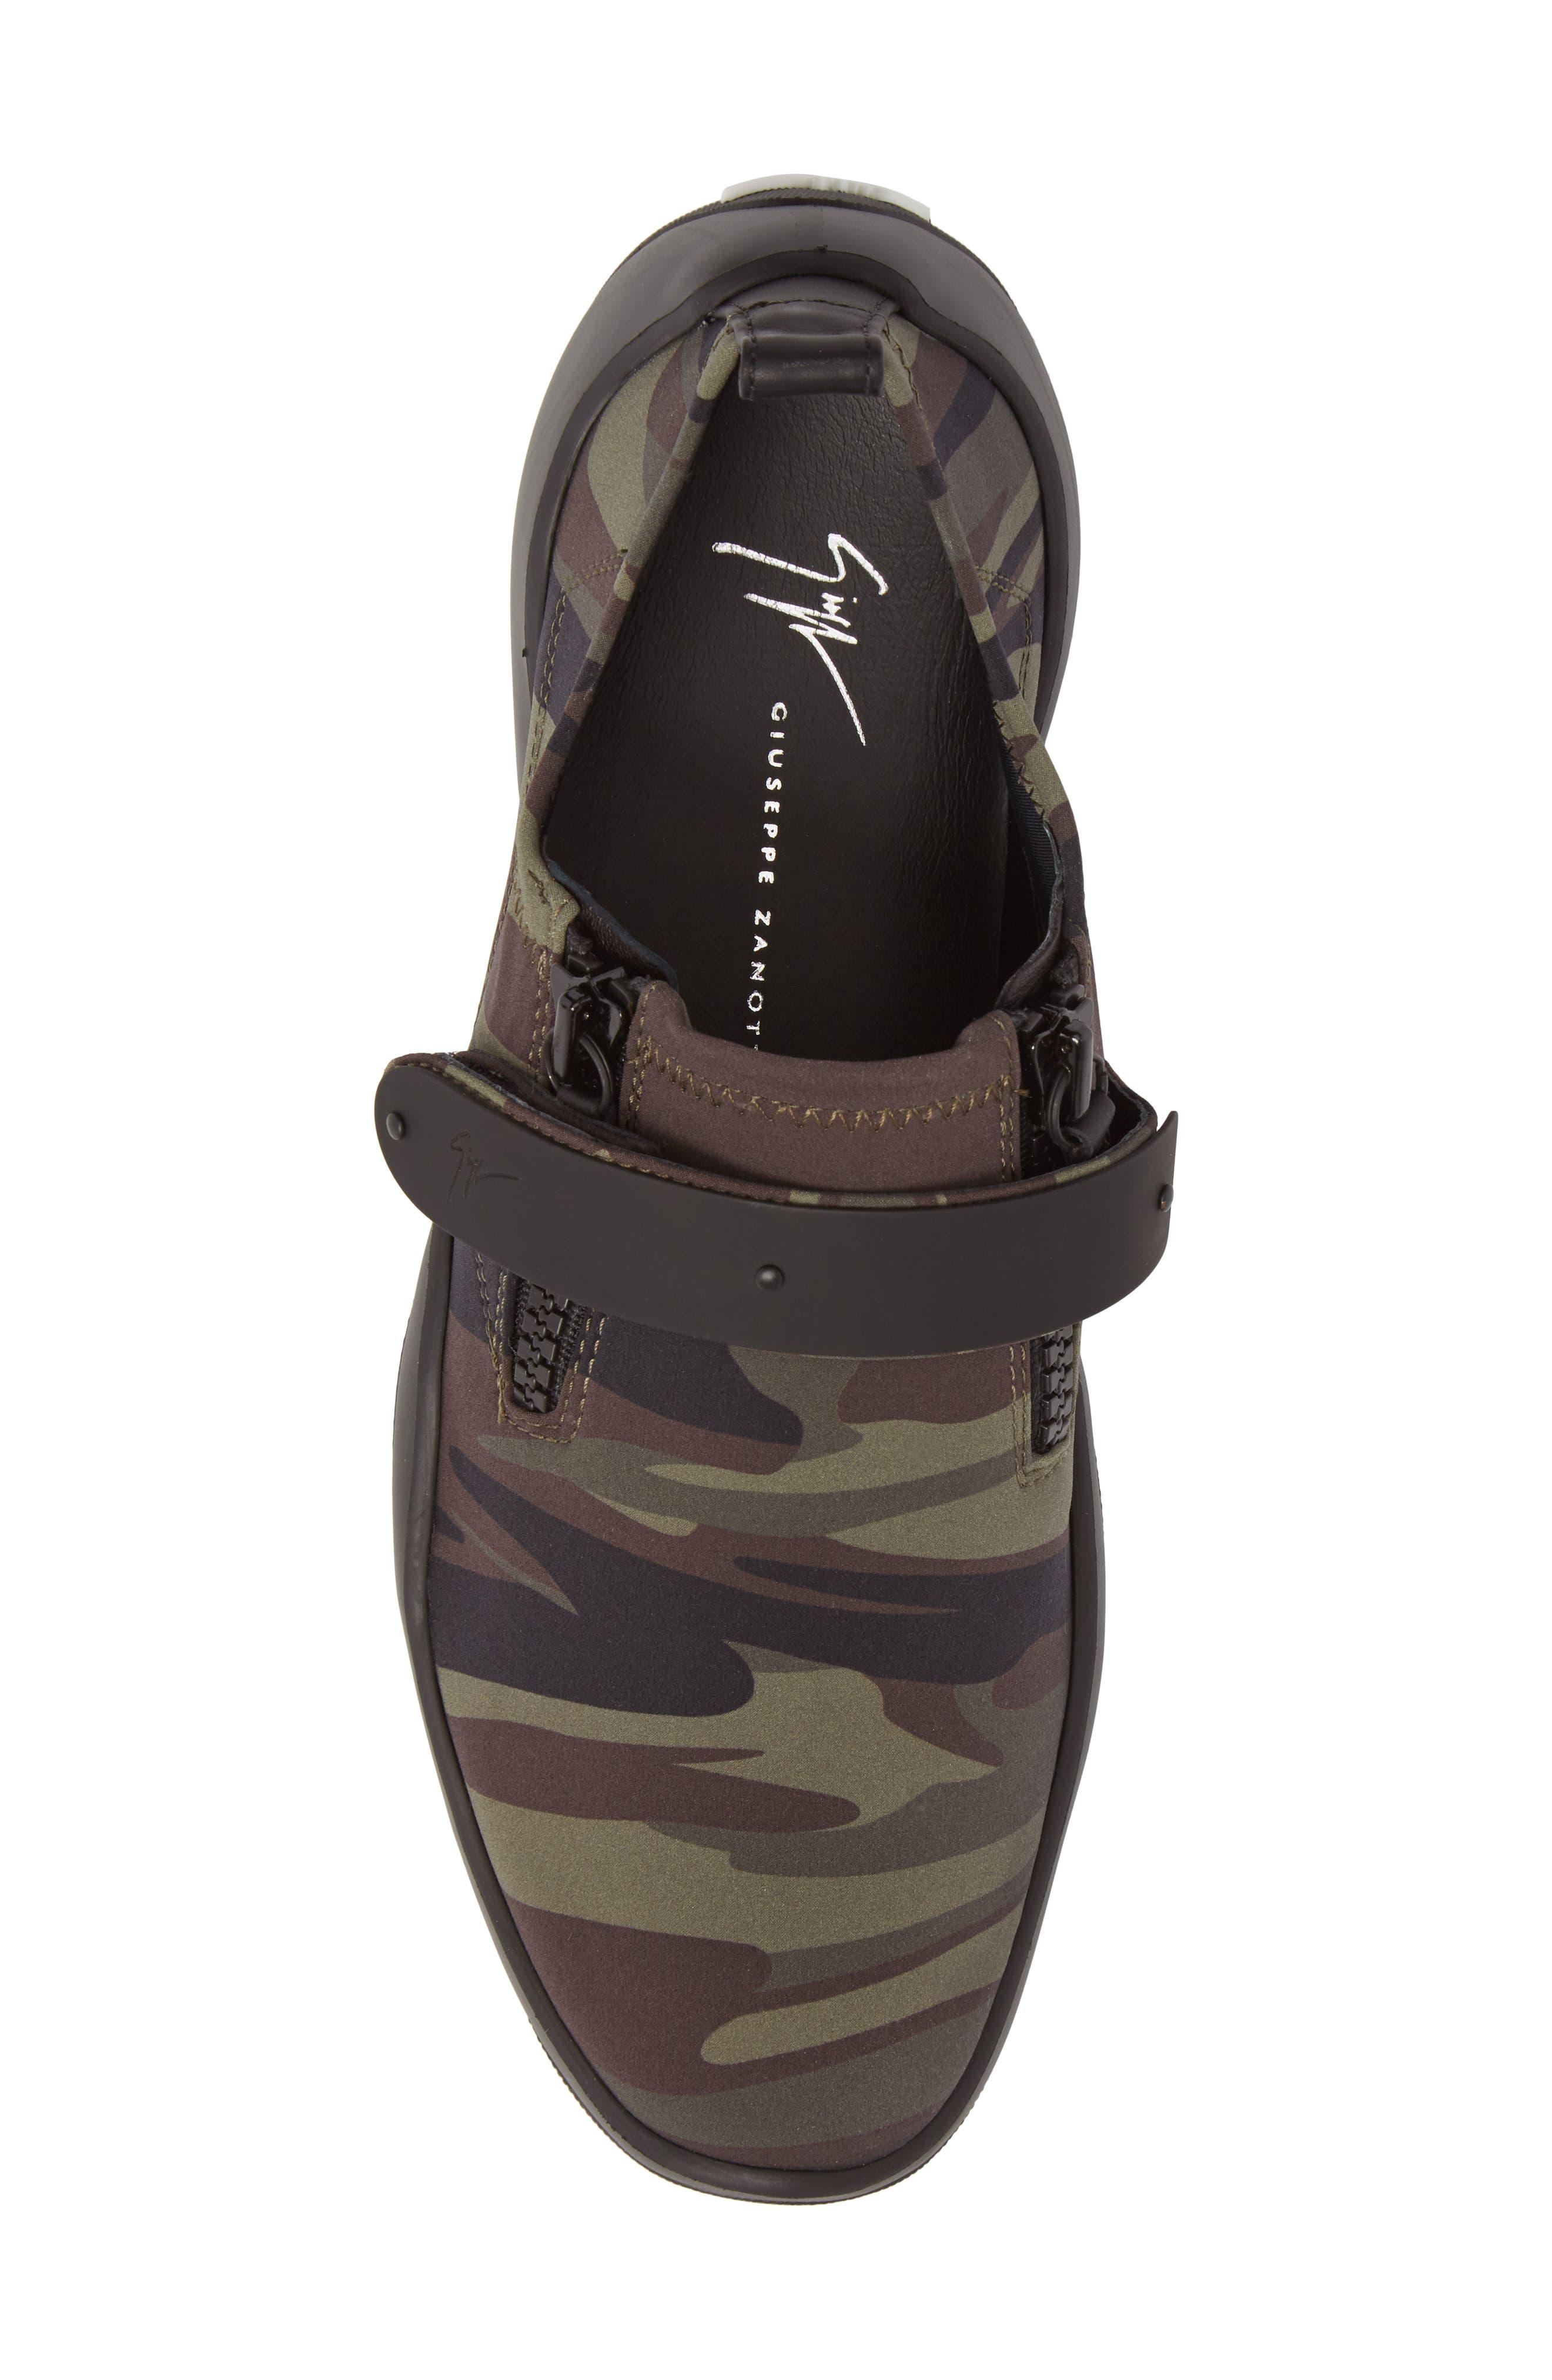 Scuba Strap Sneaker,                             Alternate thumbnail 5, color,                             Military Neoprene